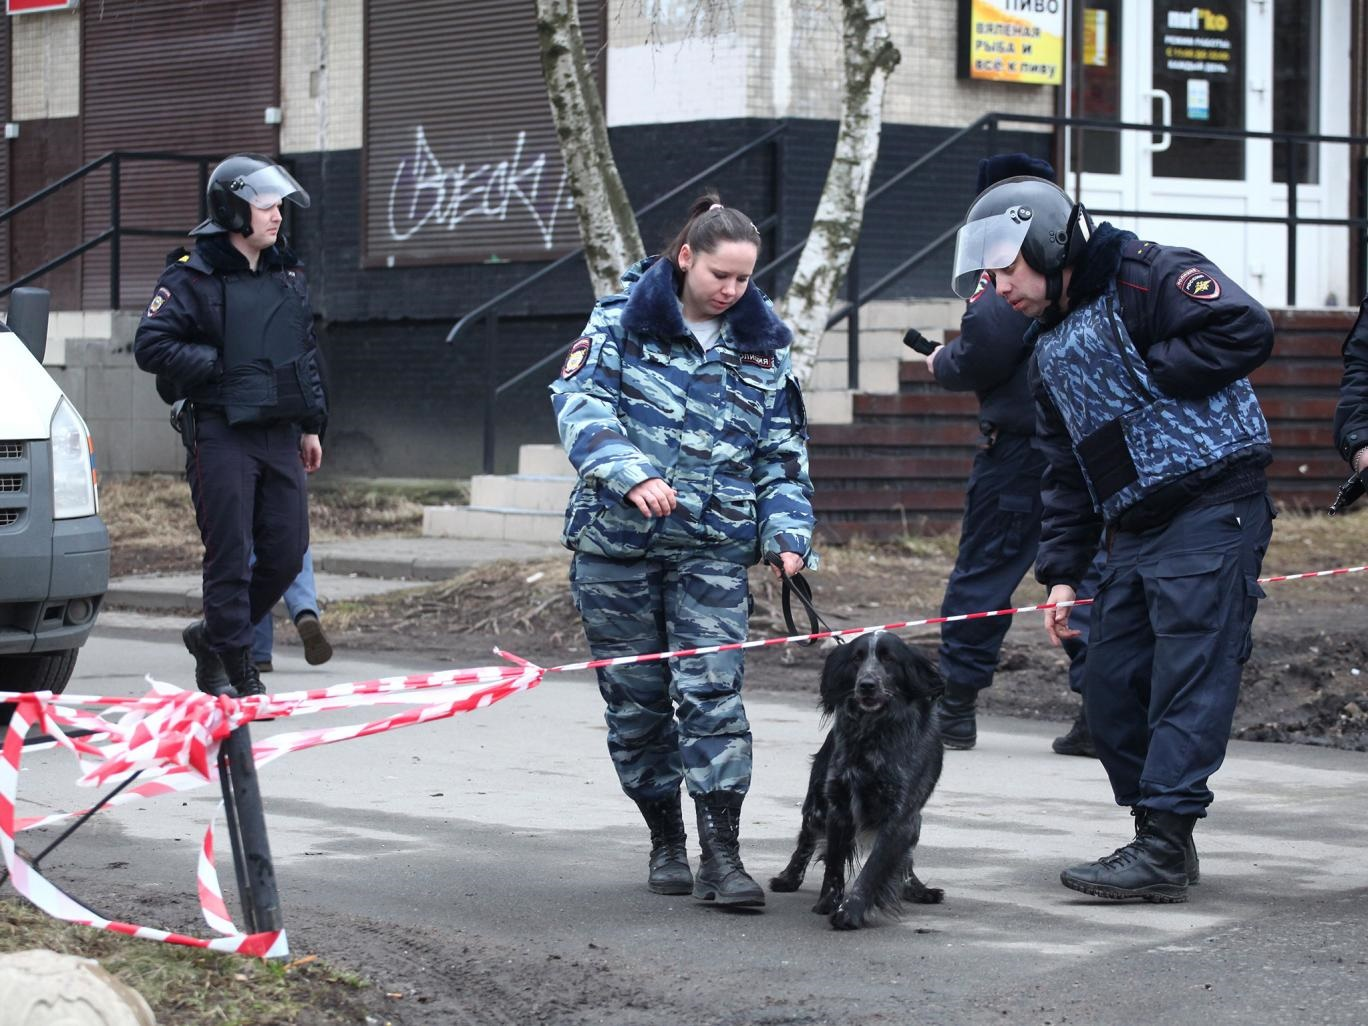 تصاویر   انفجار در یک ساختمان مسکونی، ۳ روز پس از حادثه خونین متروی سنپترزبورگ